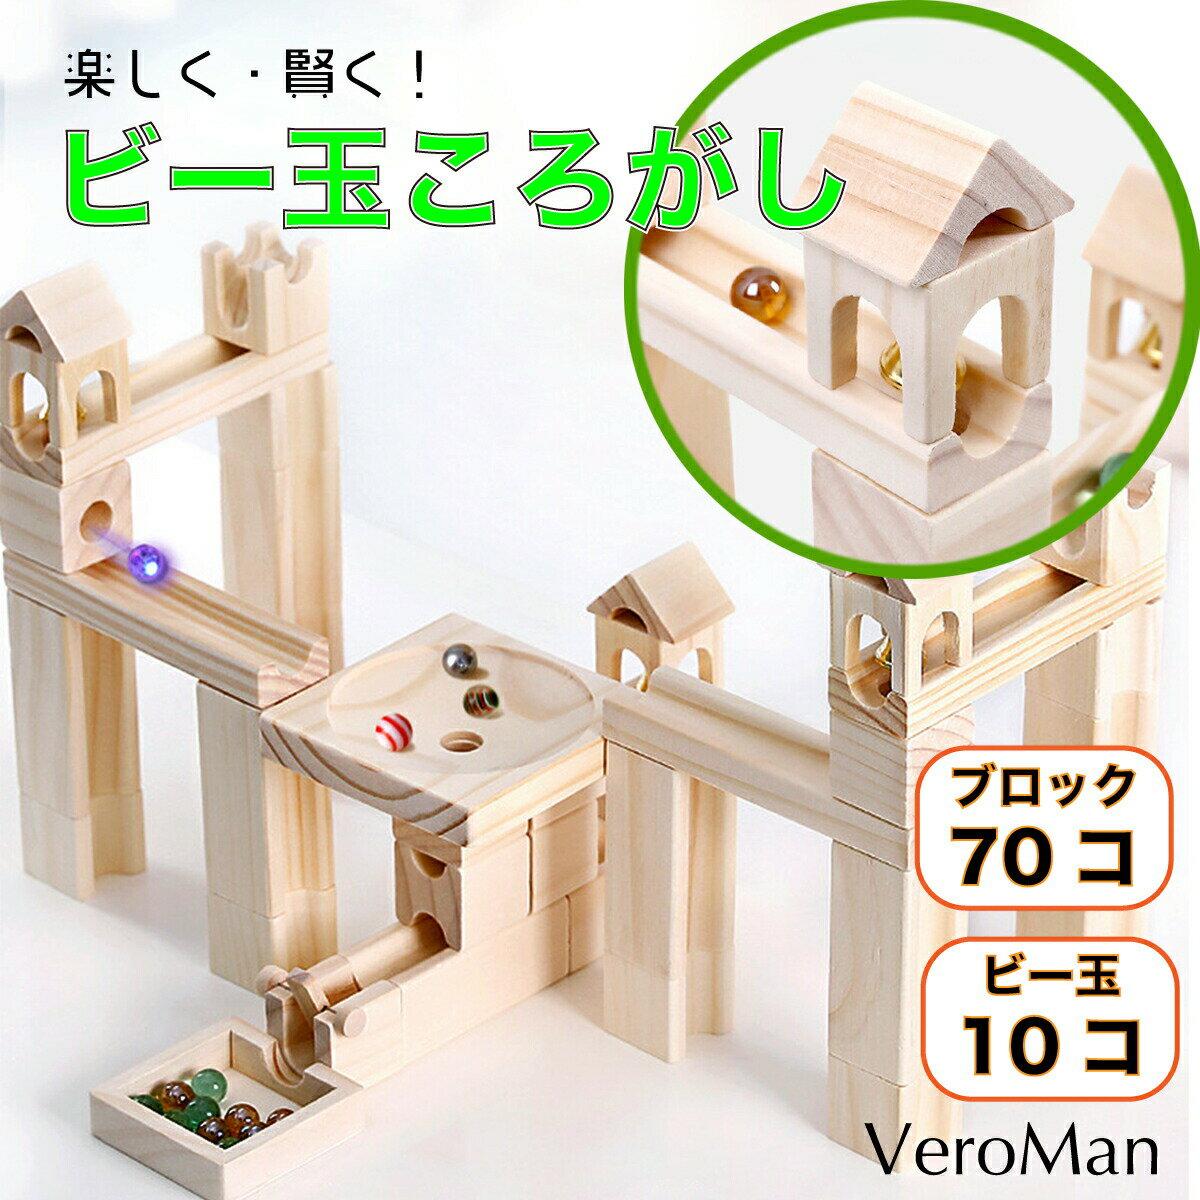 ベビー向けおもちゃ, 積み木  VeroMan